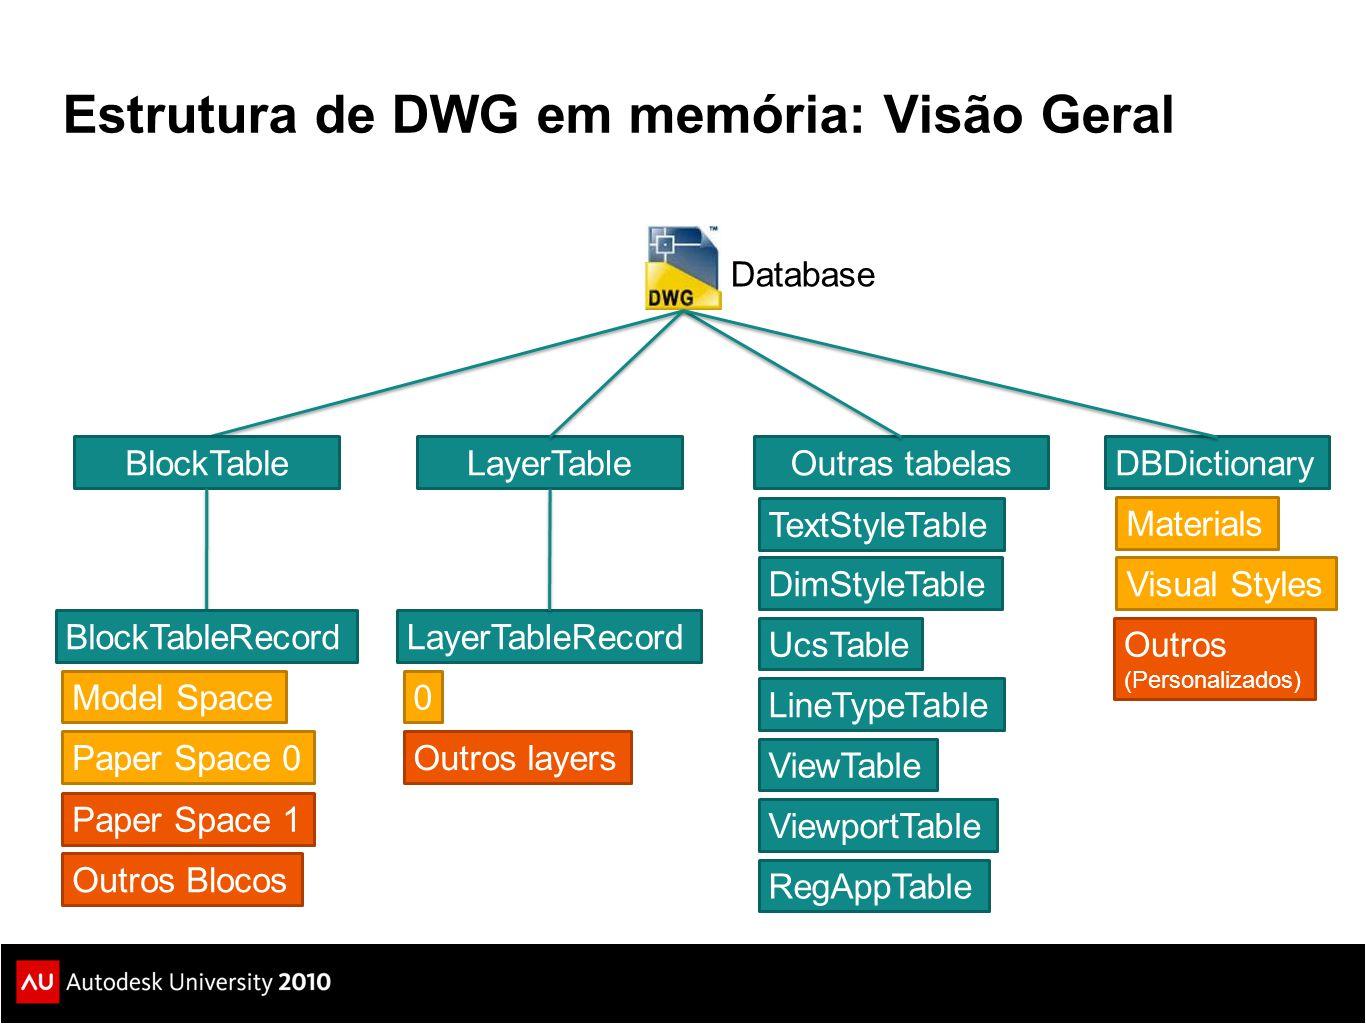 Estrutura de DWG em memória: Visão Geral